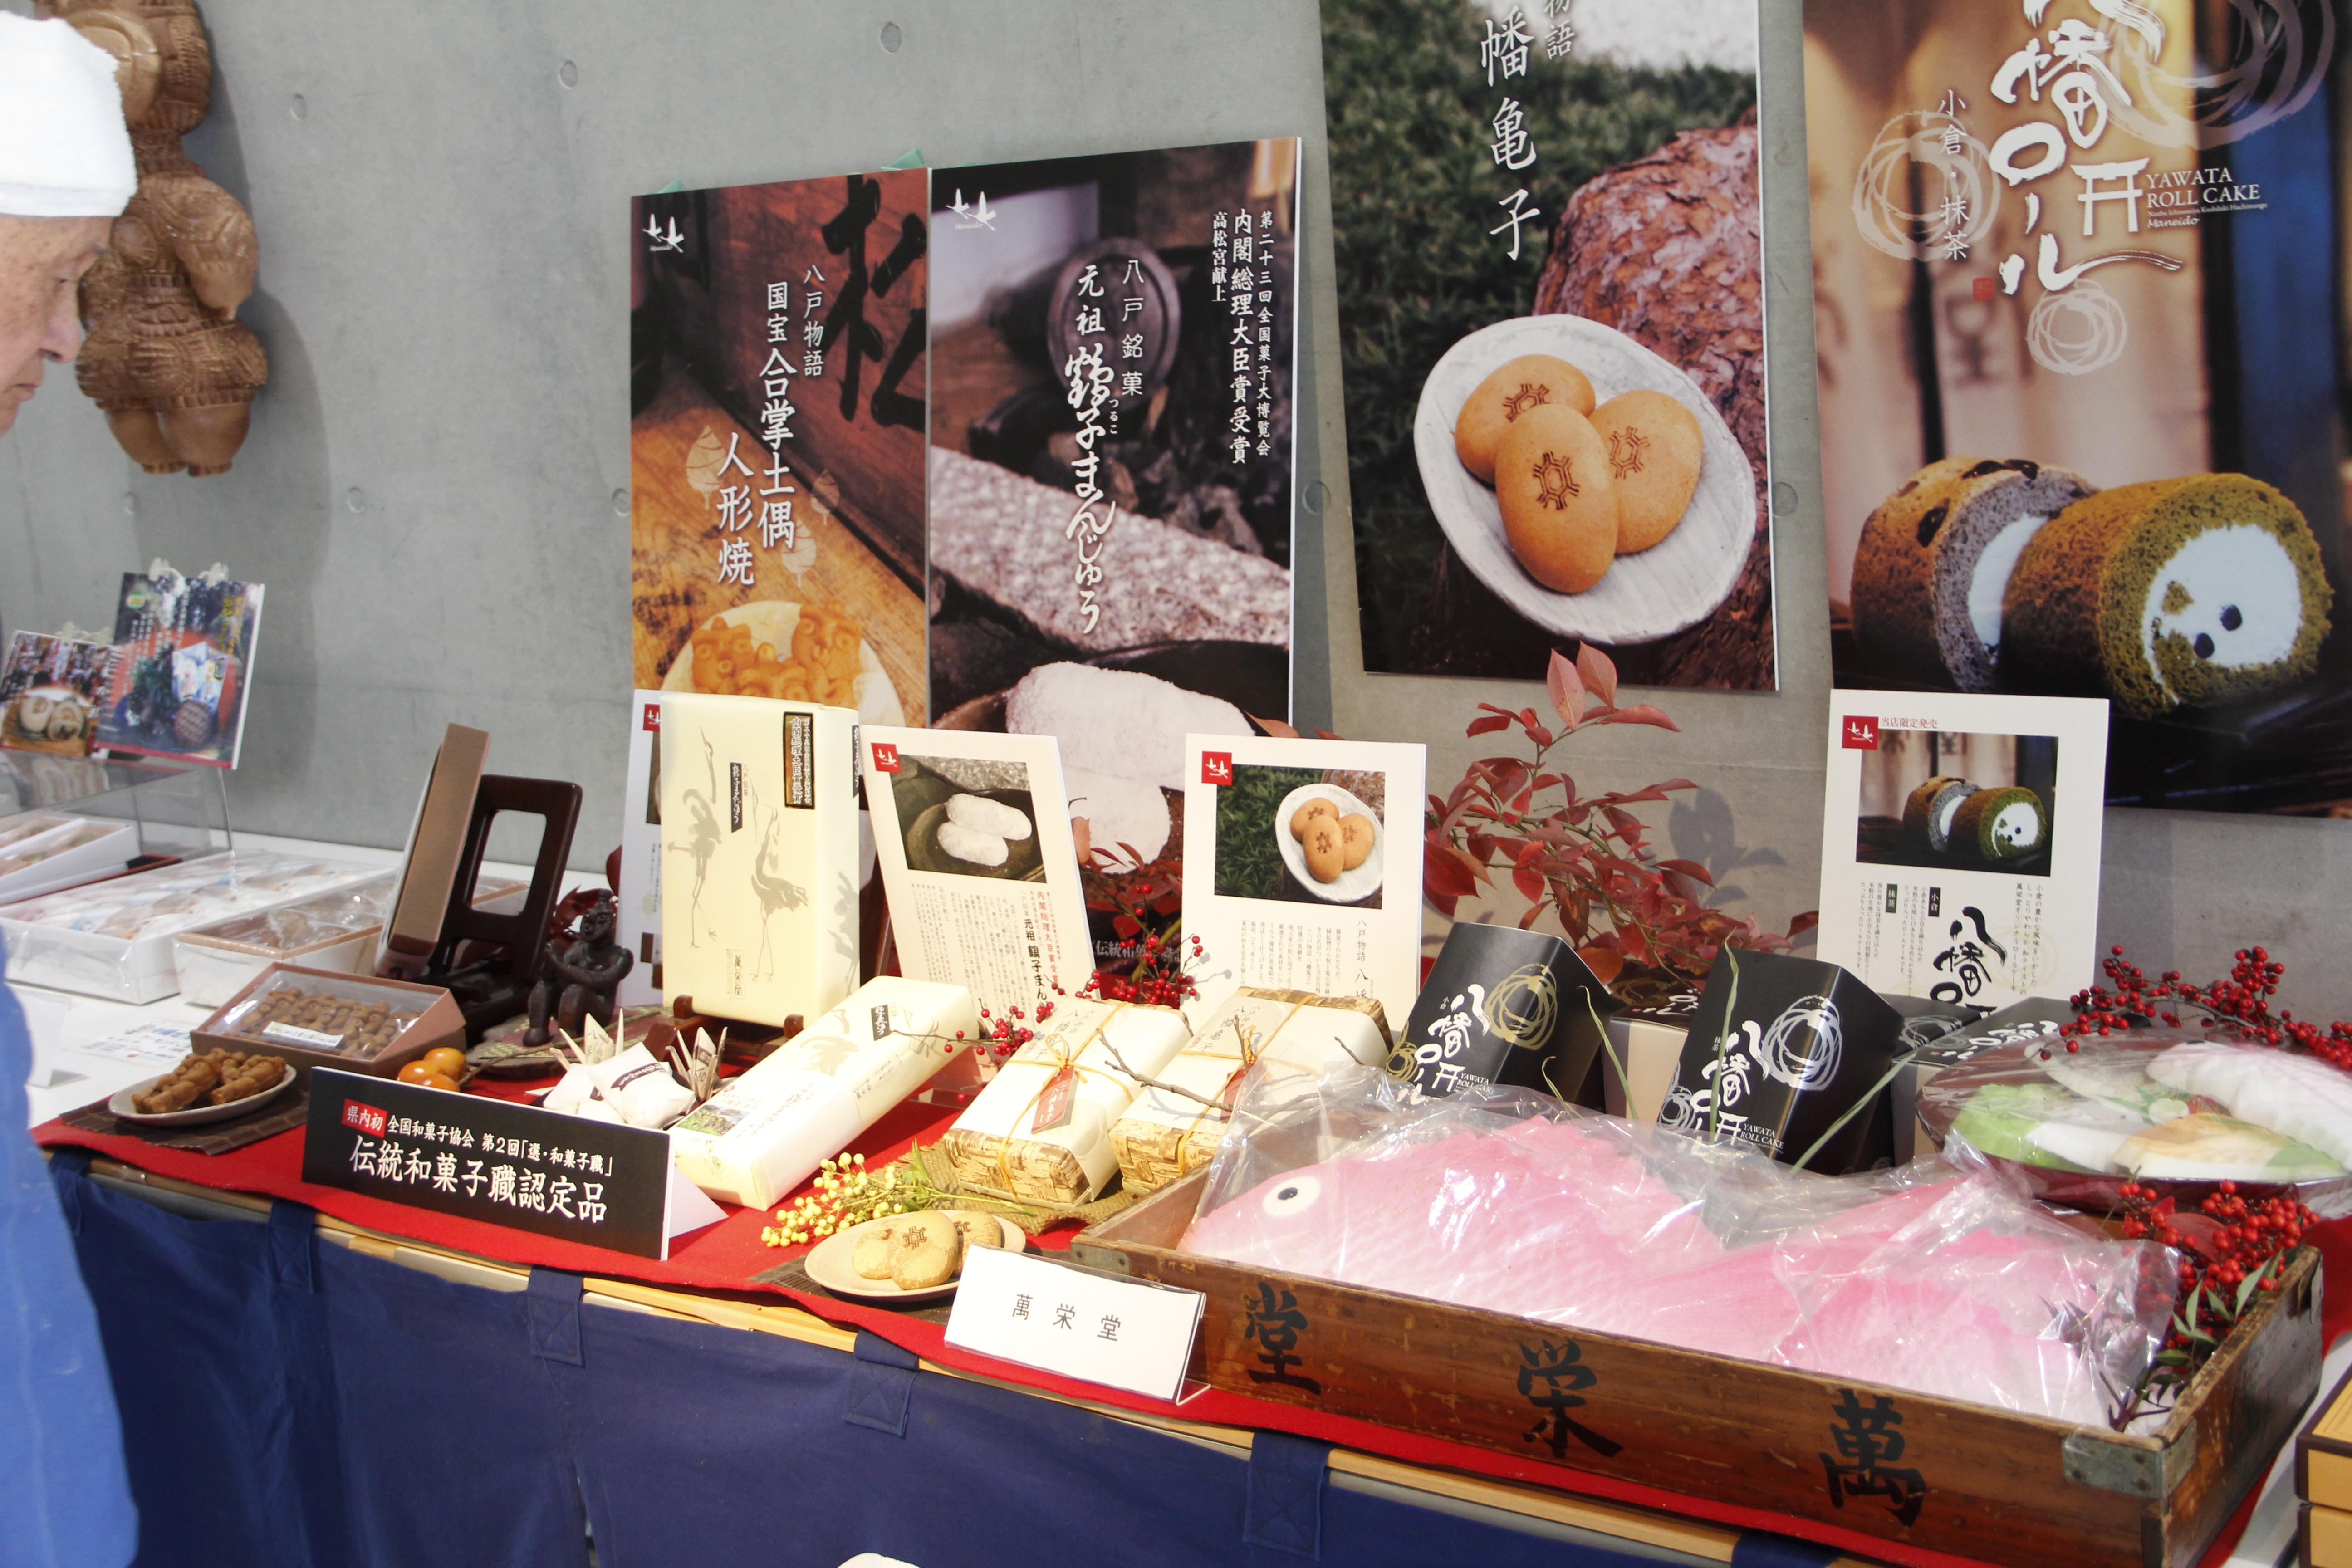 http://hacchi.jp/blog/upload/images/20131130_2_3.JPG